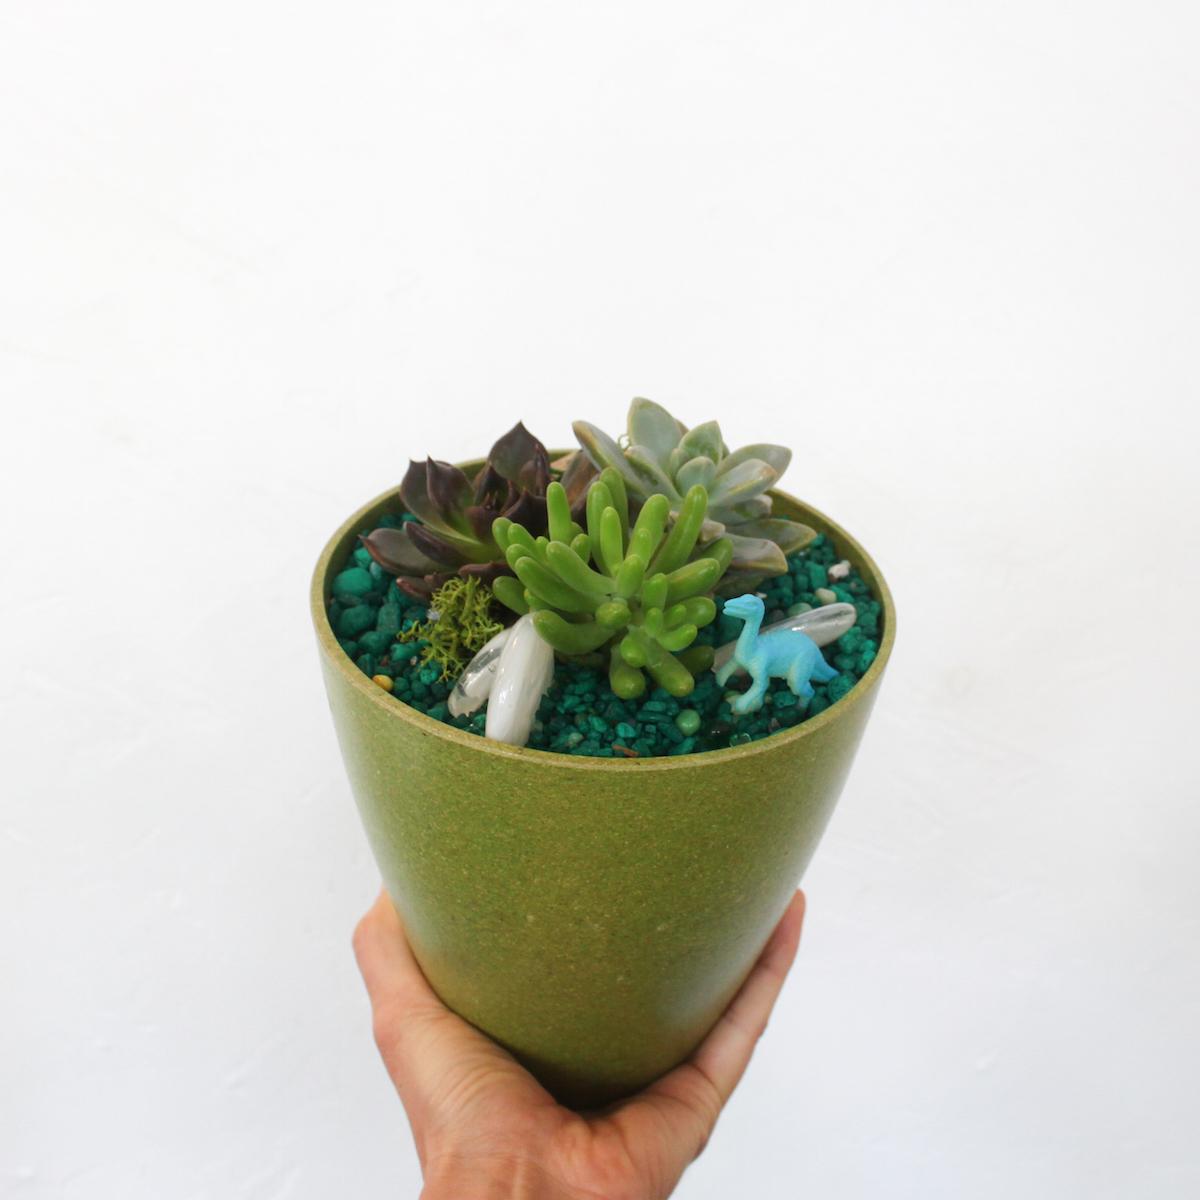 paiko keiki succulent